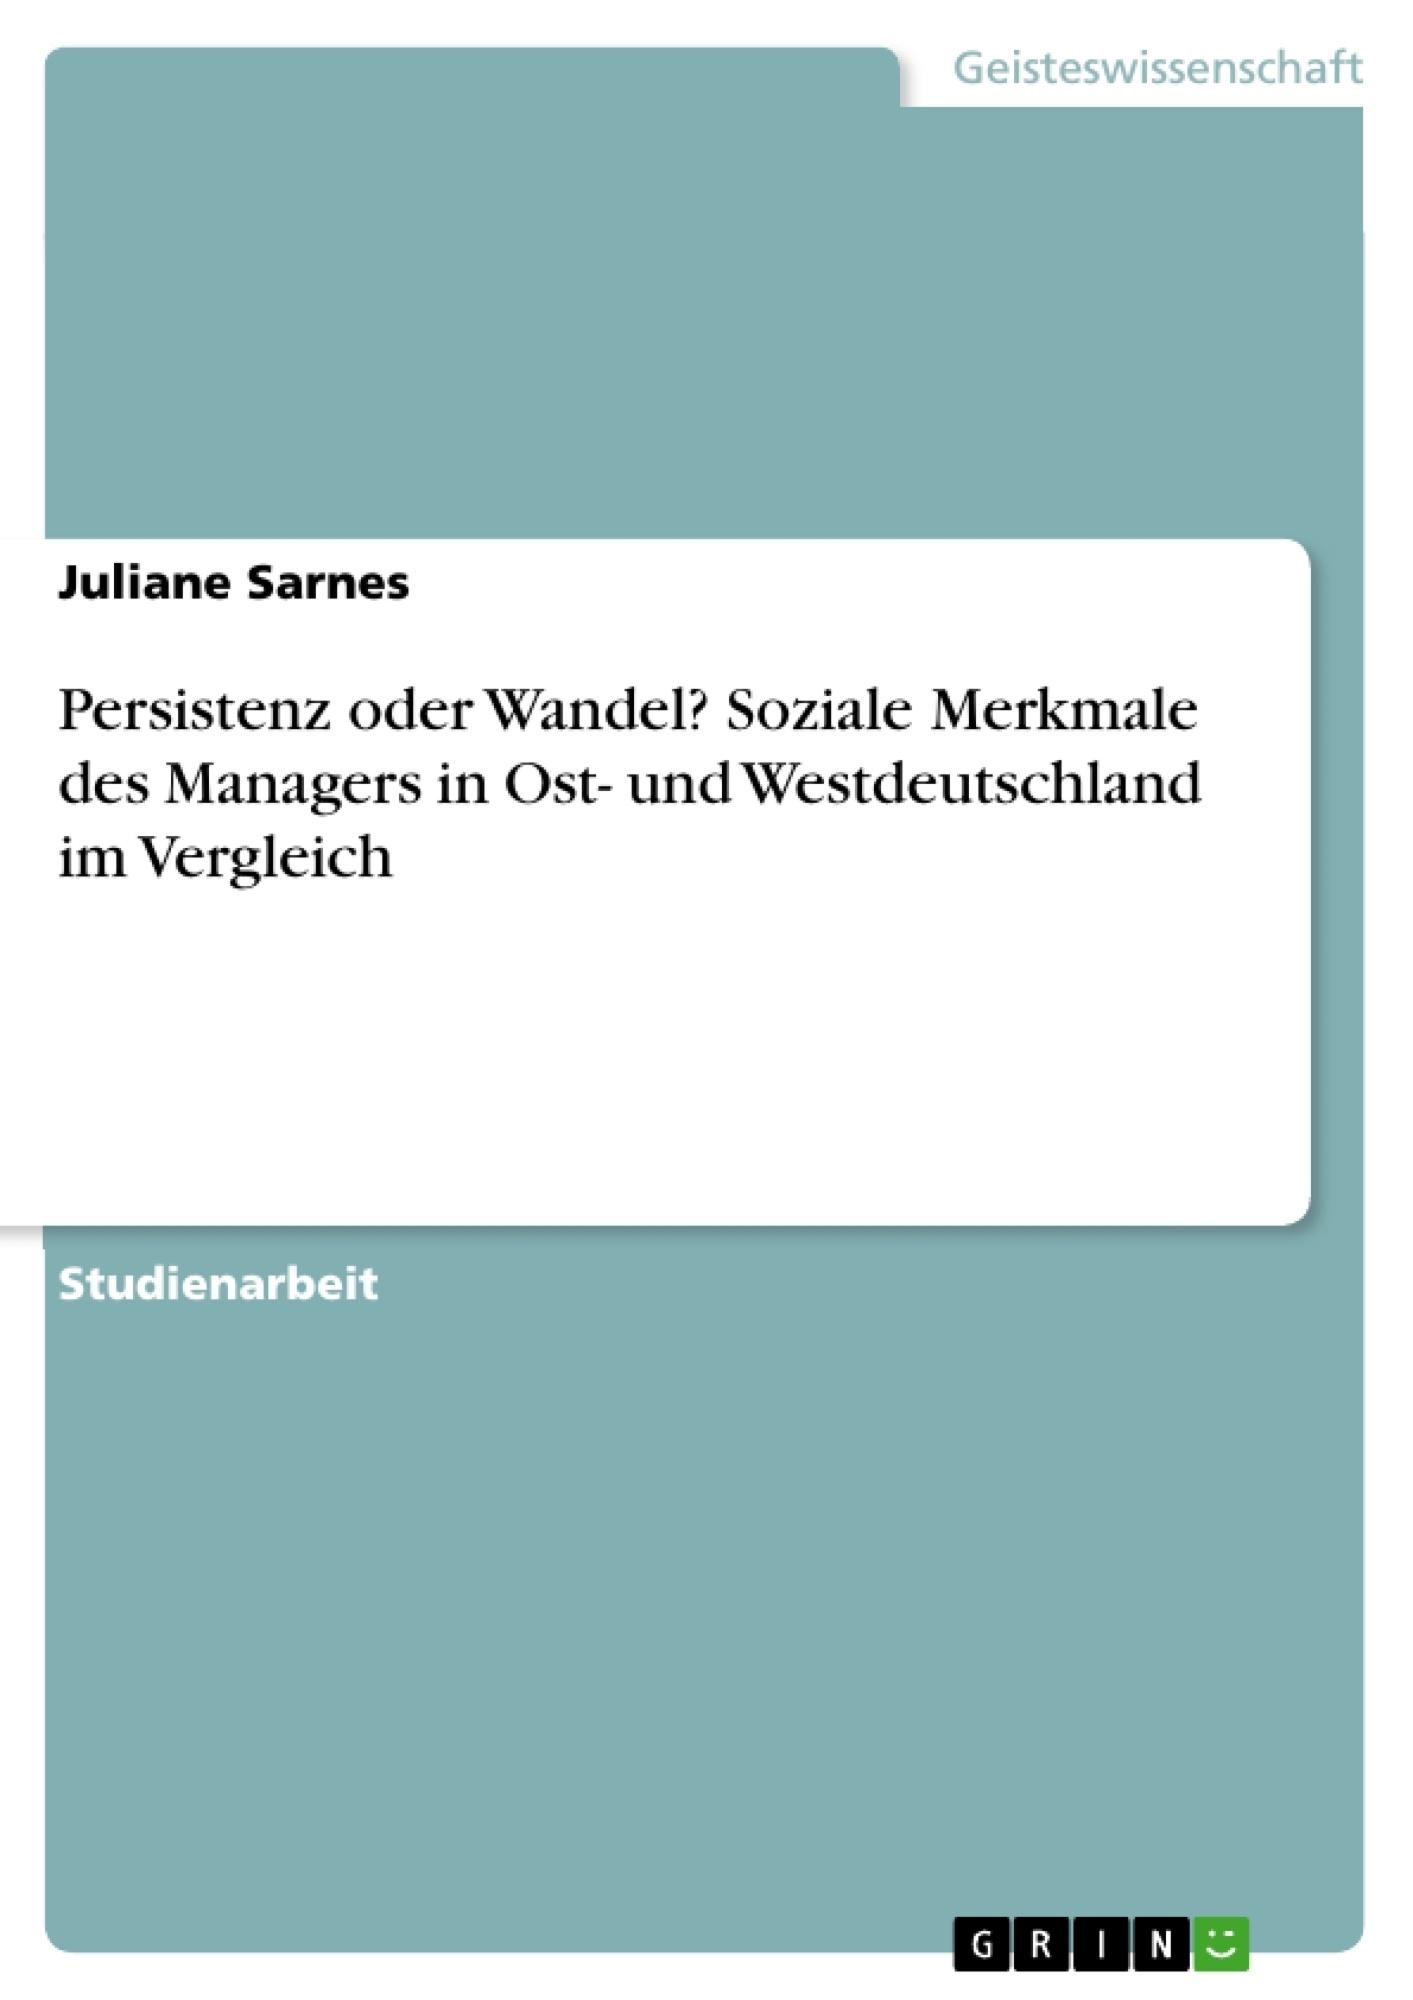 Titel: Persistenz oder Wandel? Soziale Merkmale des Managers in Ost- und Westdeutschland im Vergleich